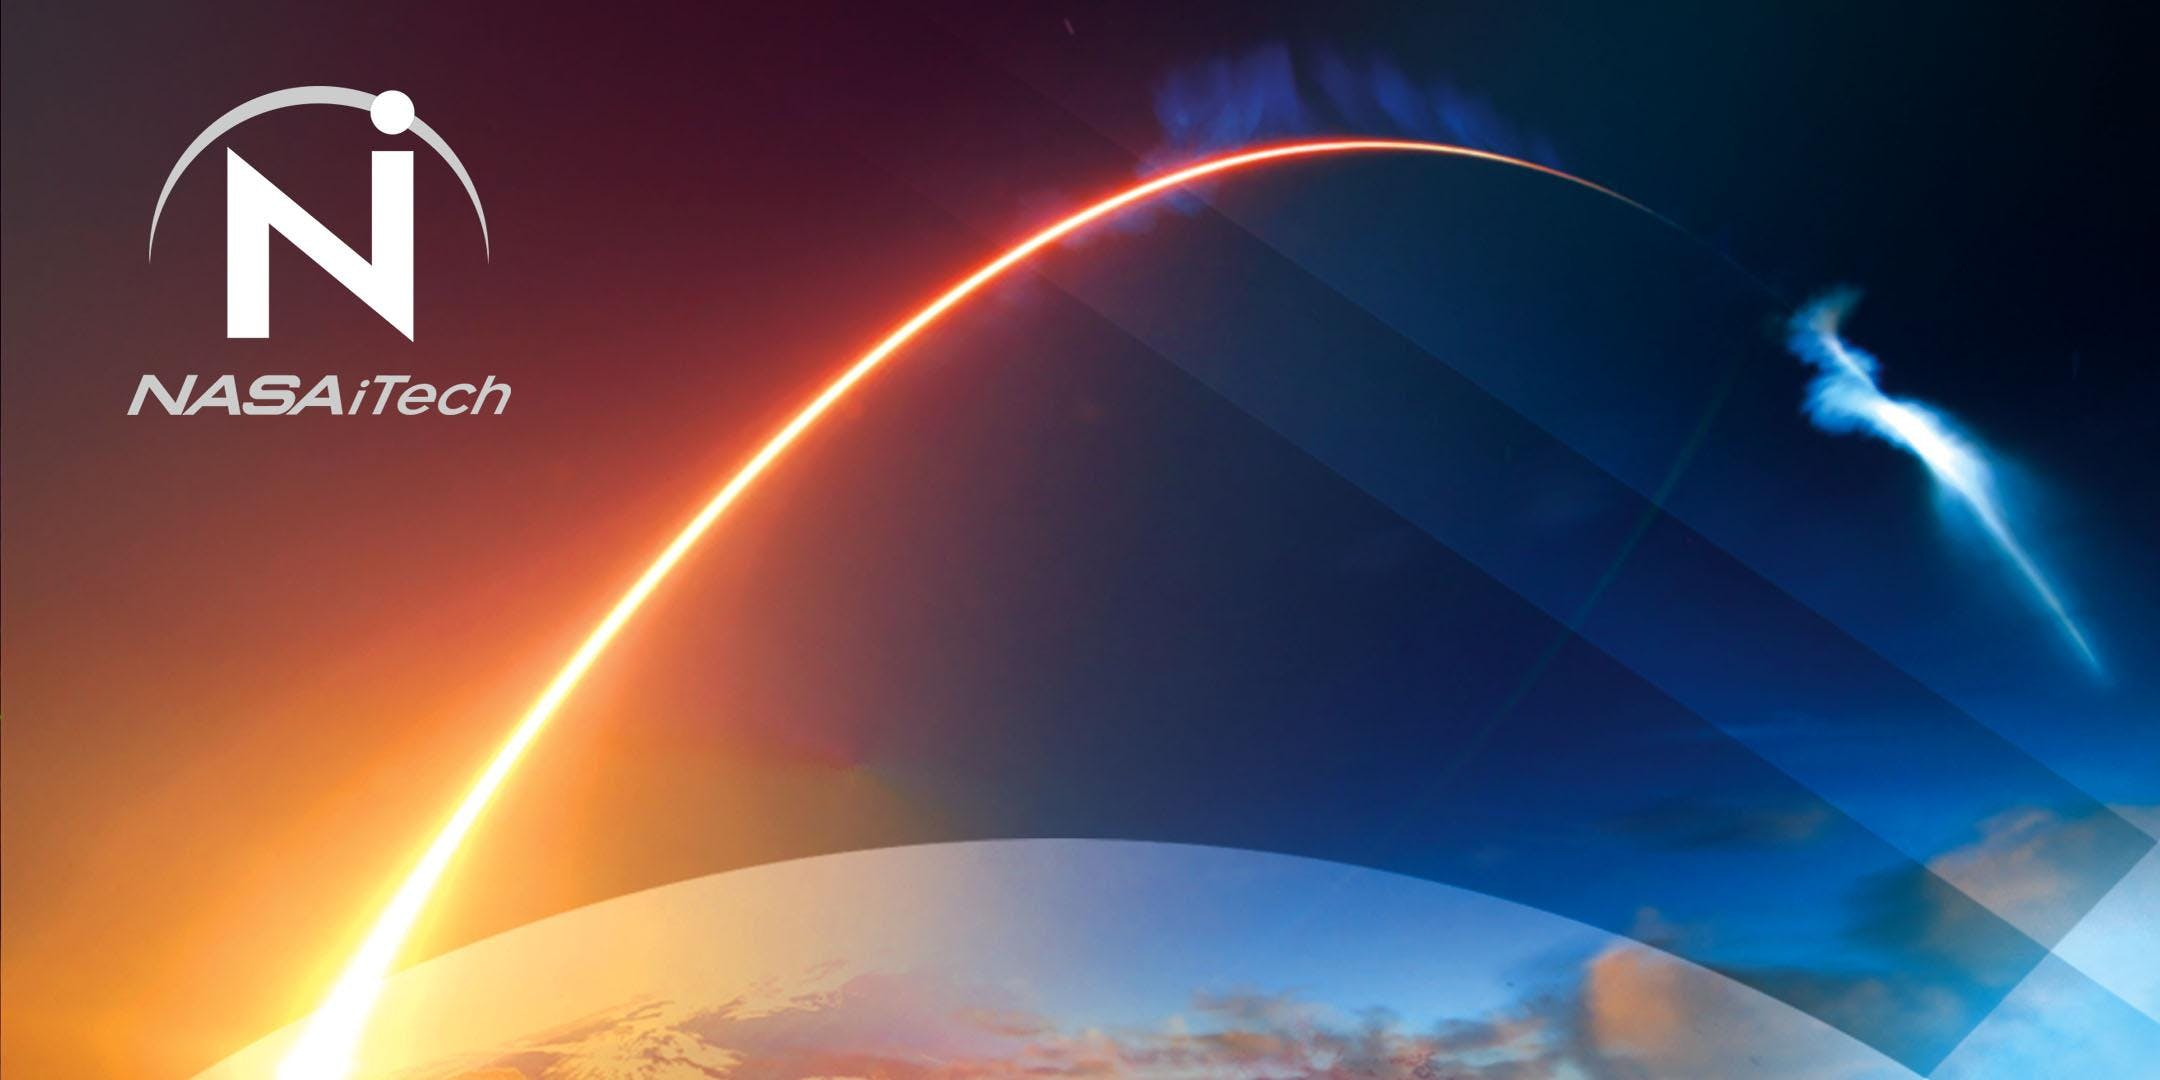 2018 NASA iTech Cycle II ENERGY Forum